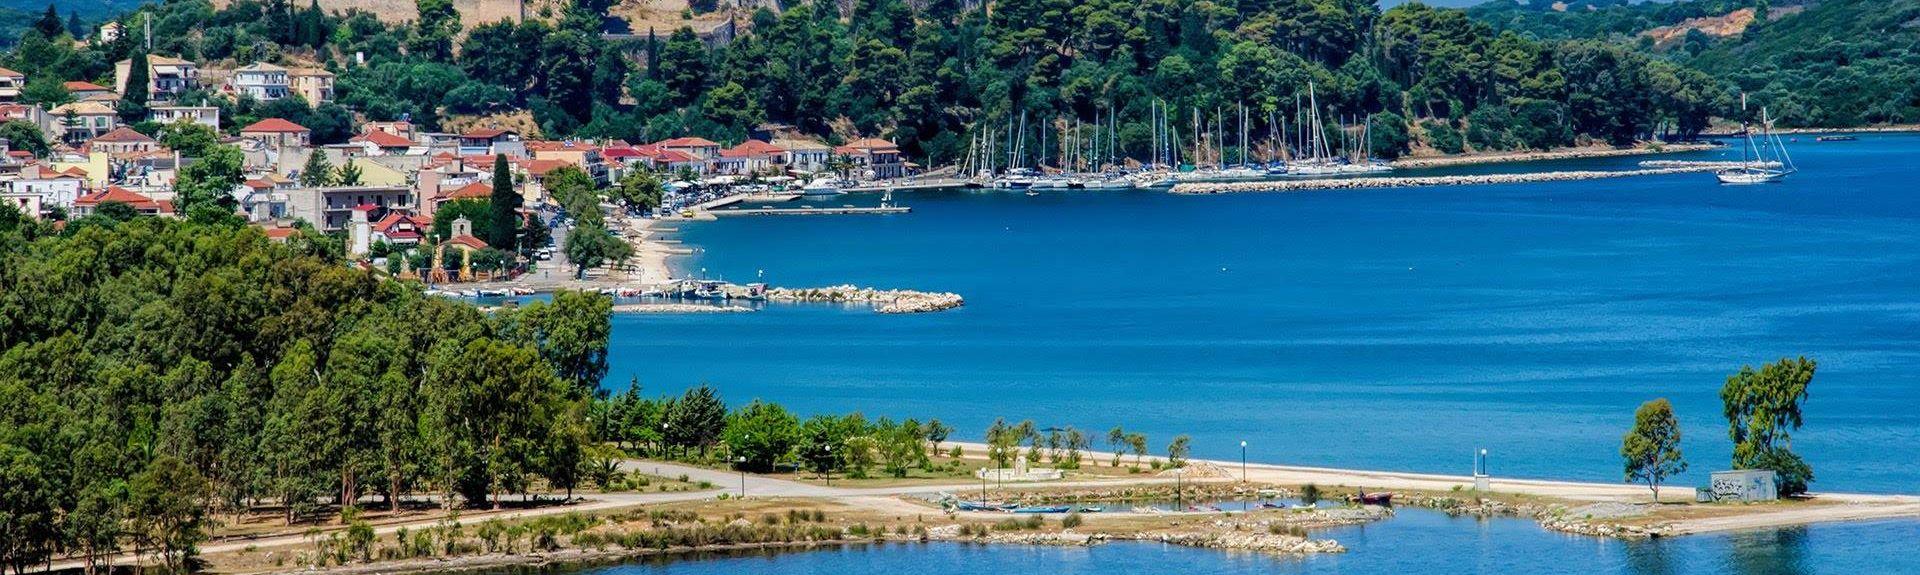 Amfilochia, Péloponnèse, Grèce